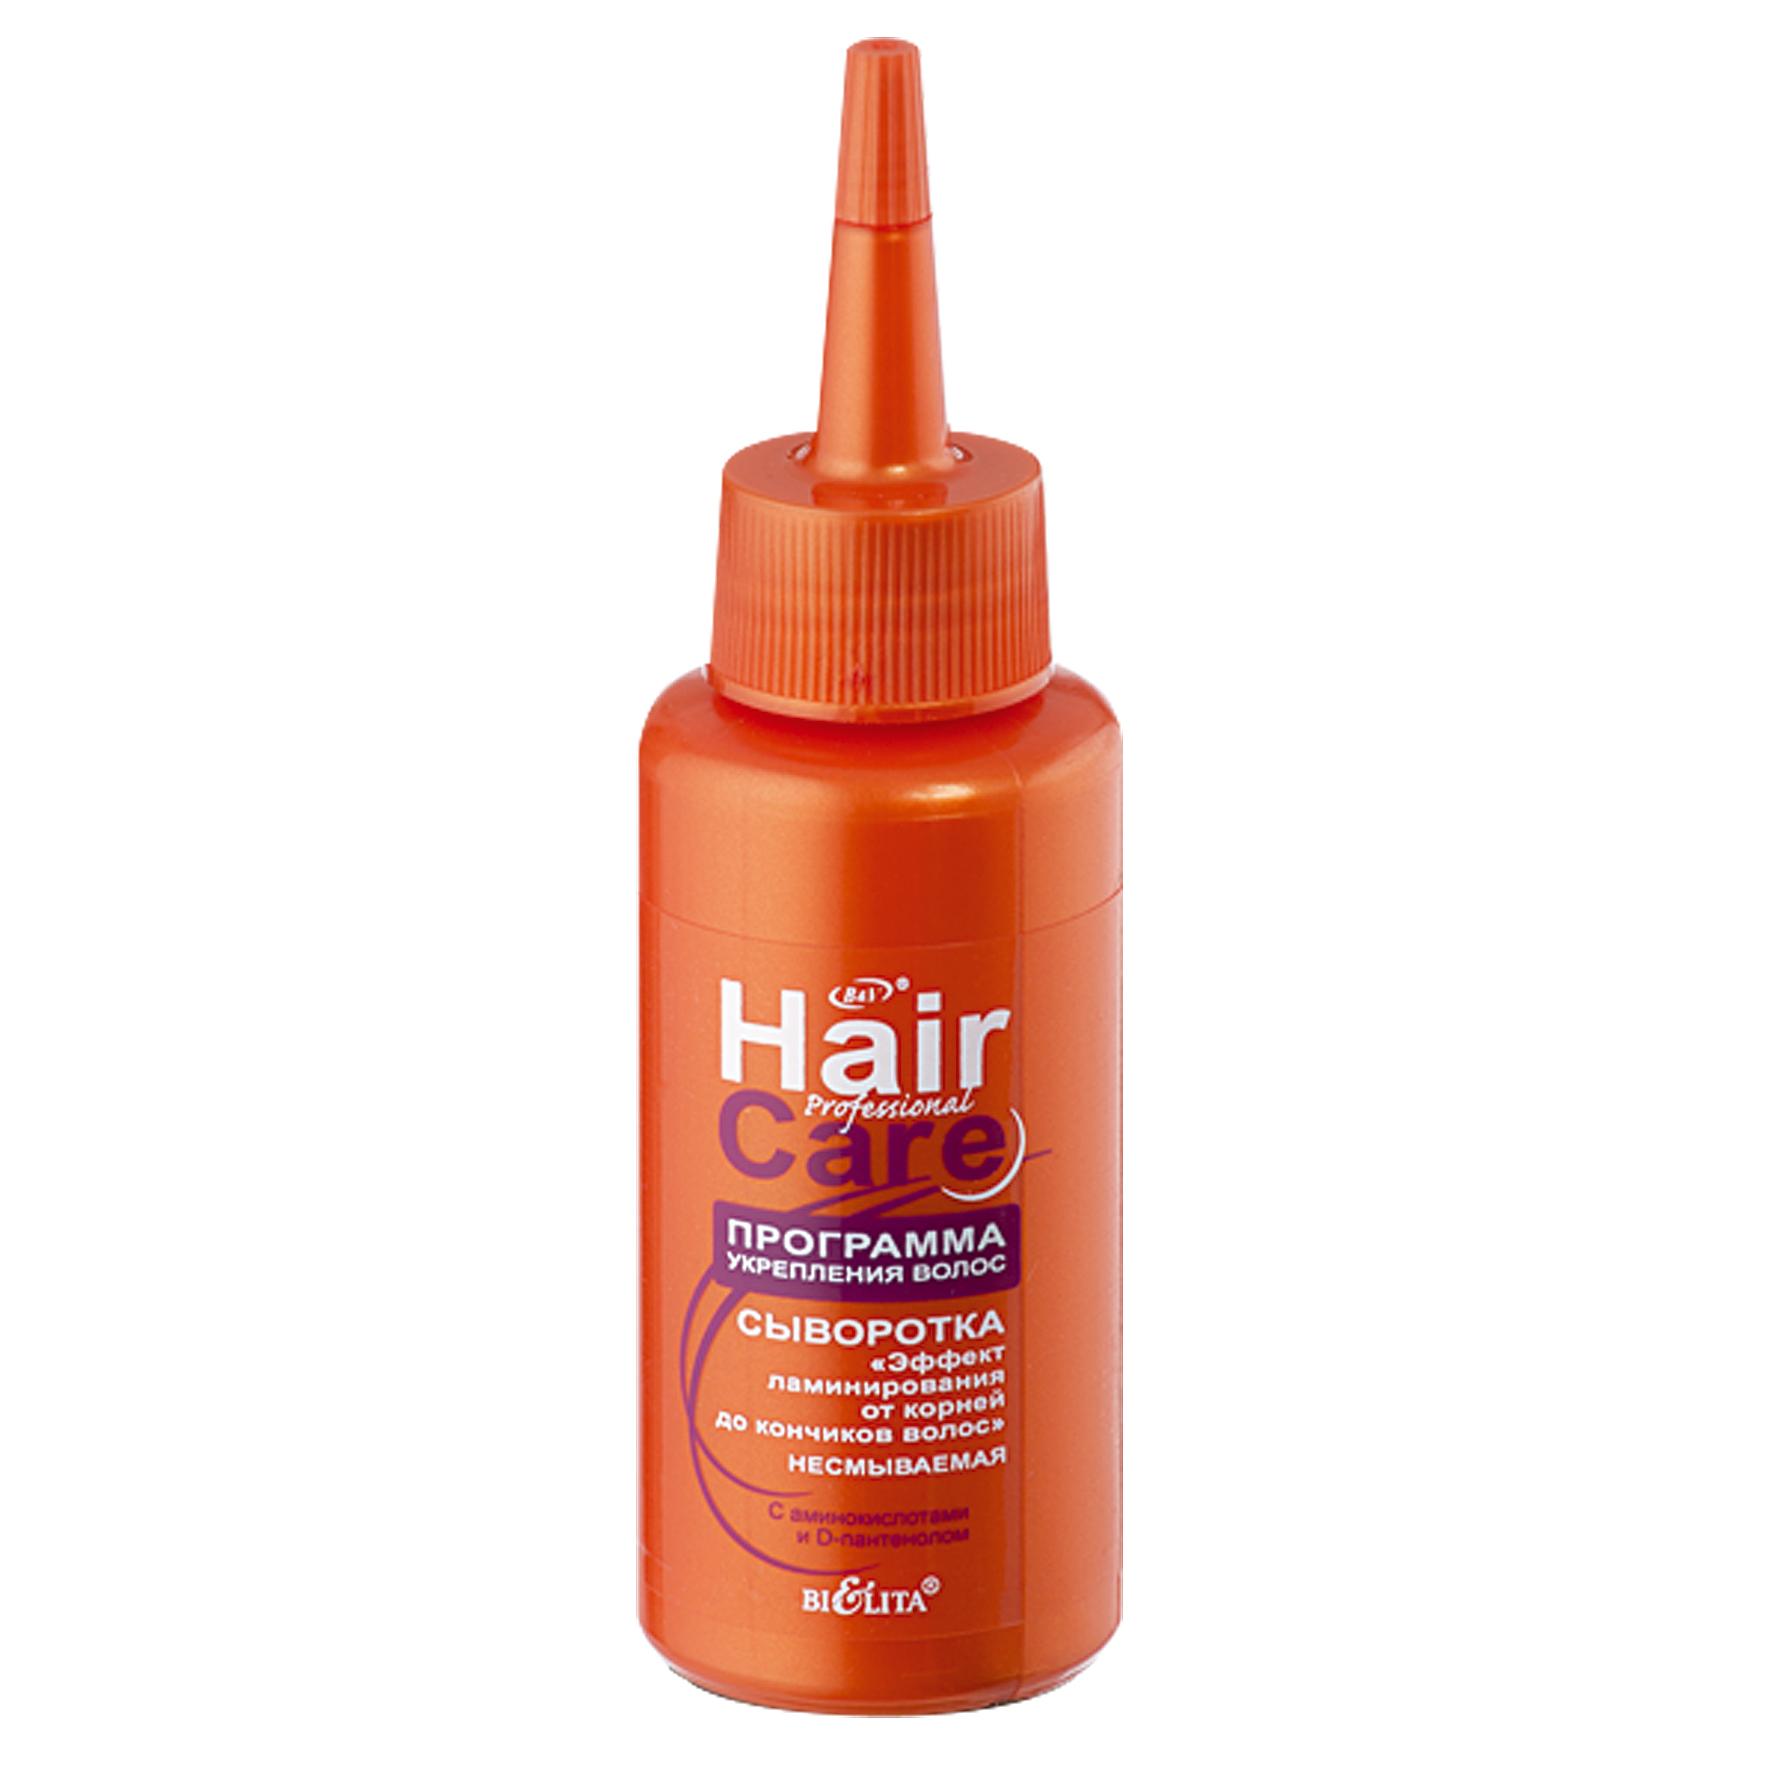 Как влияет сыворотка на волосы